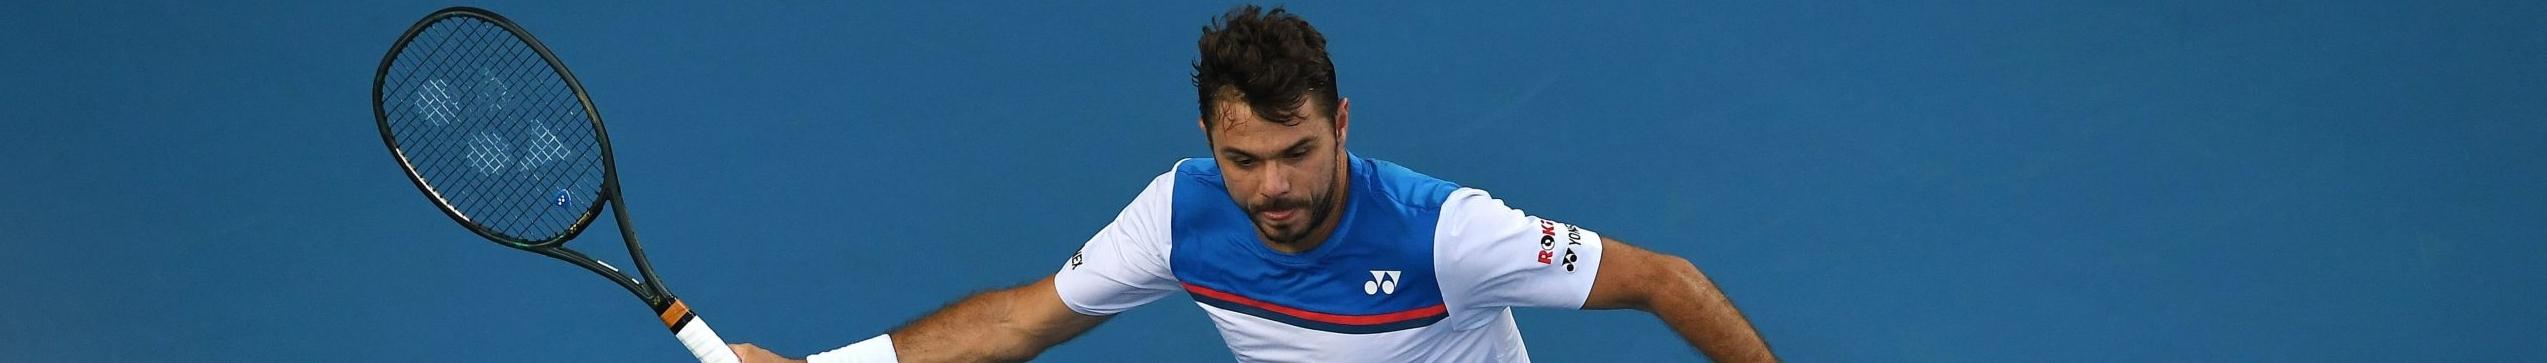 Australian Open 2020: Wawrinka contro il tabù Isner, le cose possono cambiare